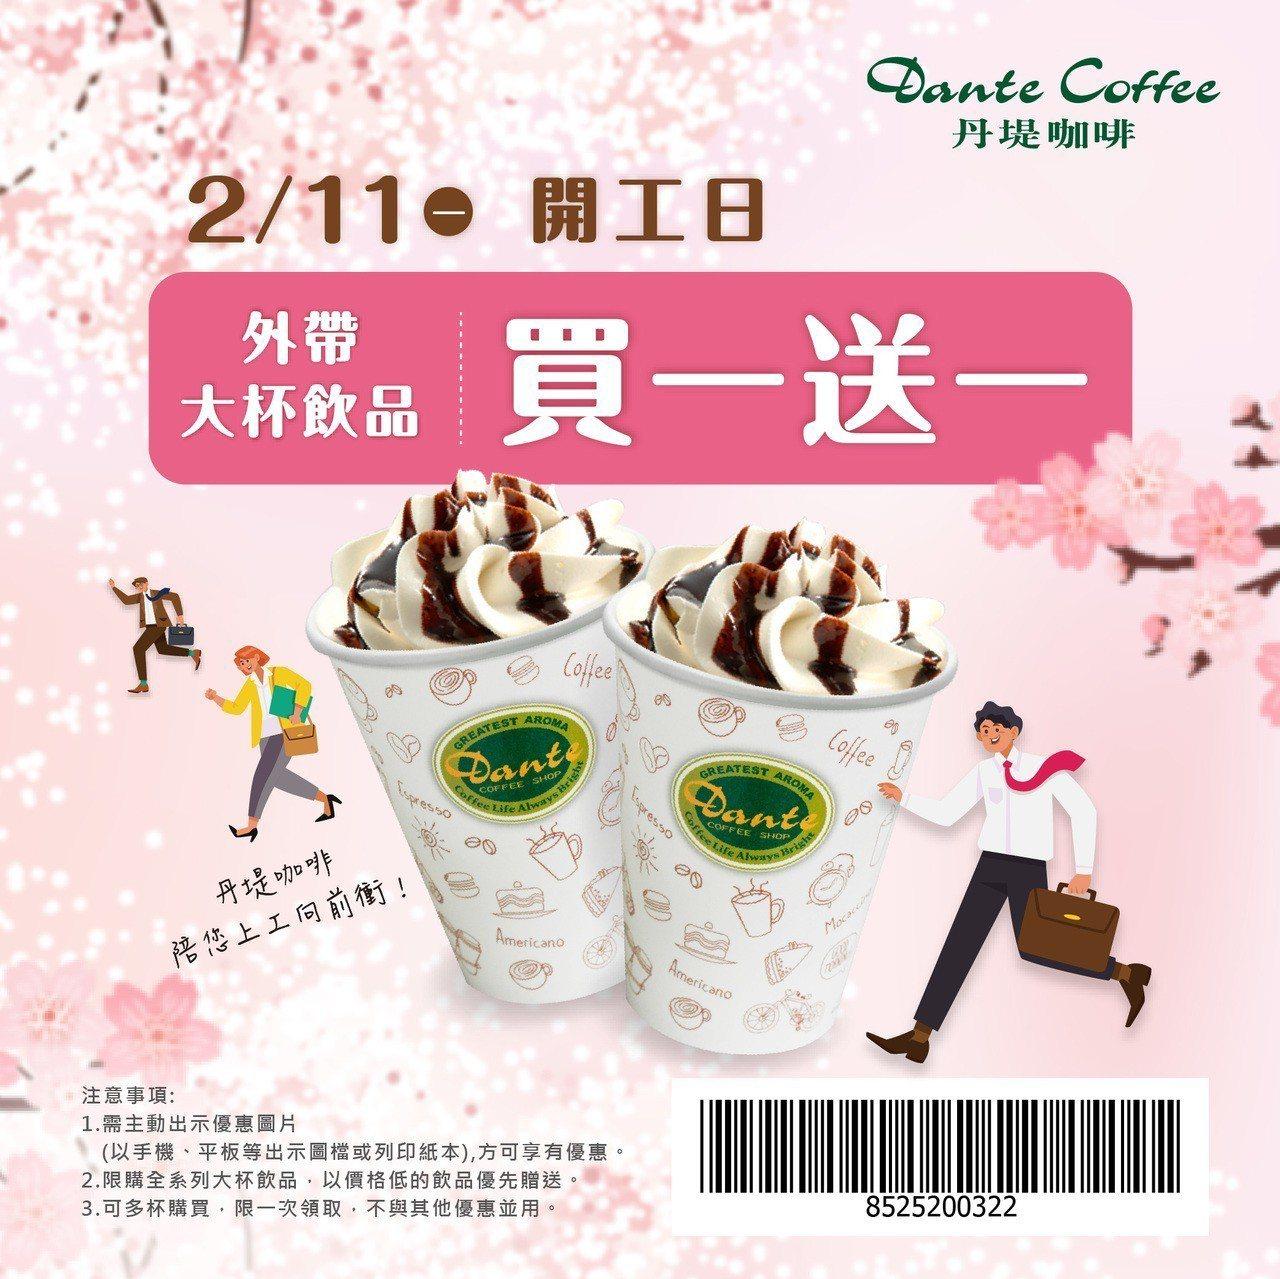 丹堤咖啡憑此圖,可享買一送一。圖/丹堤提供